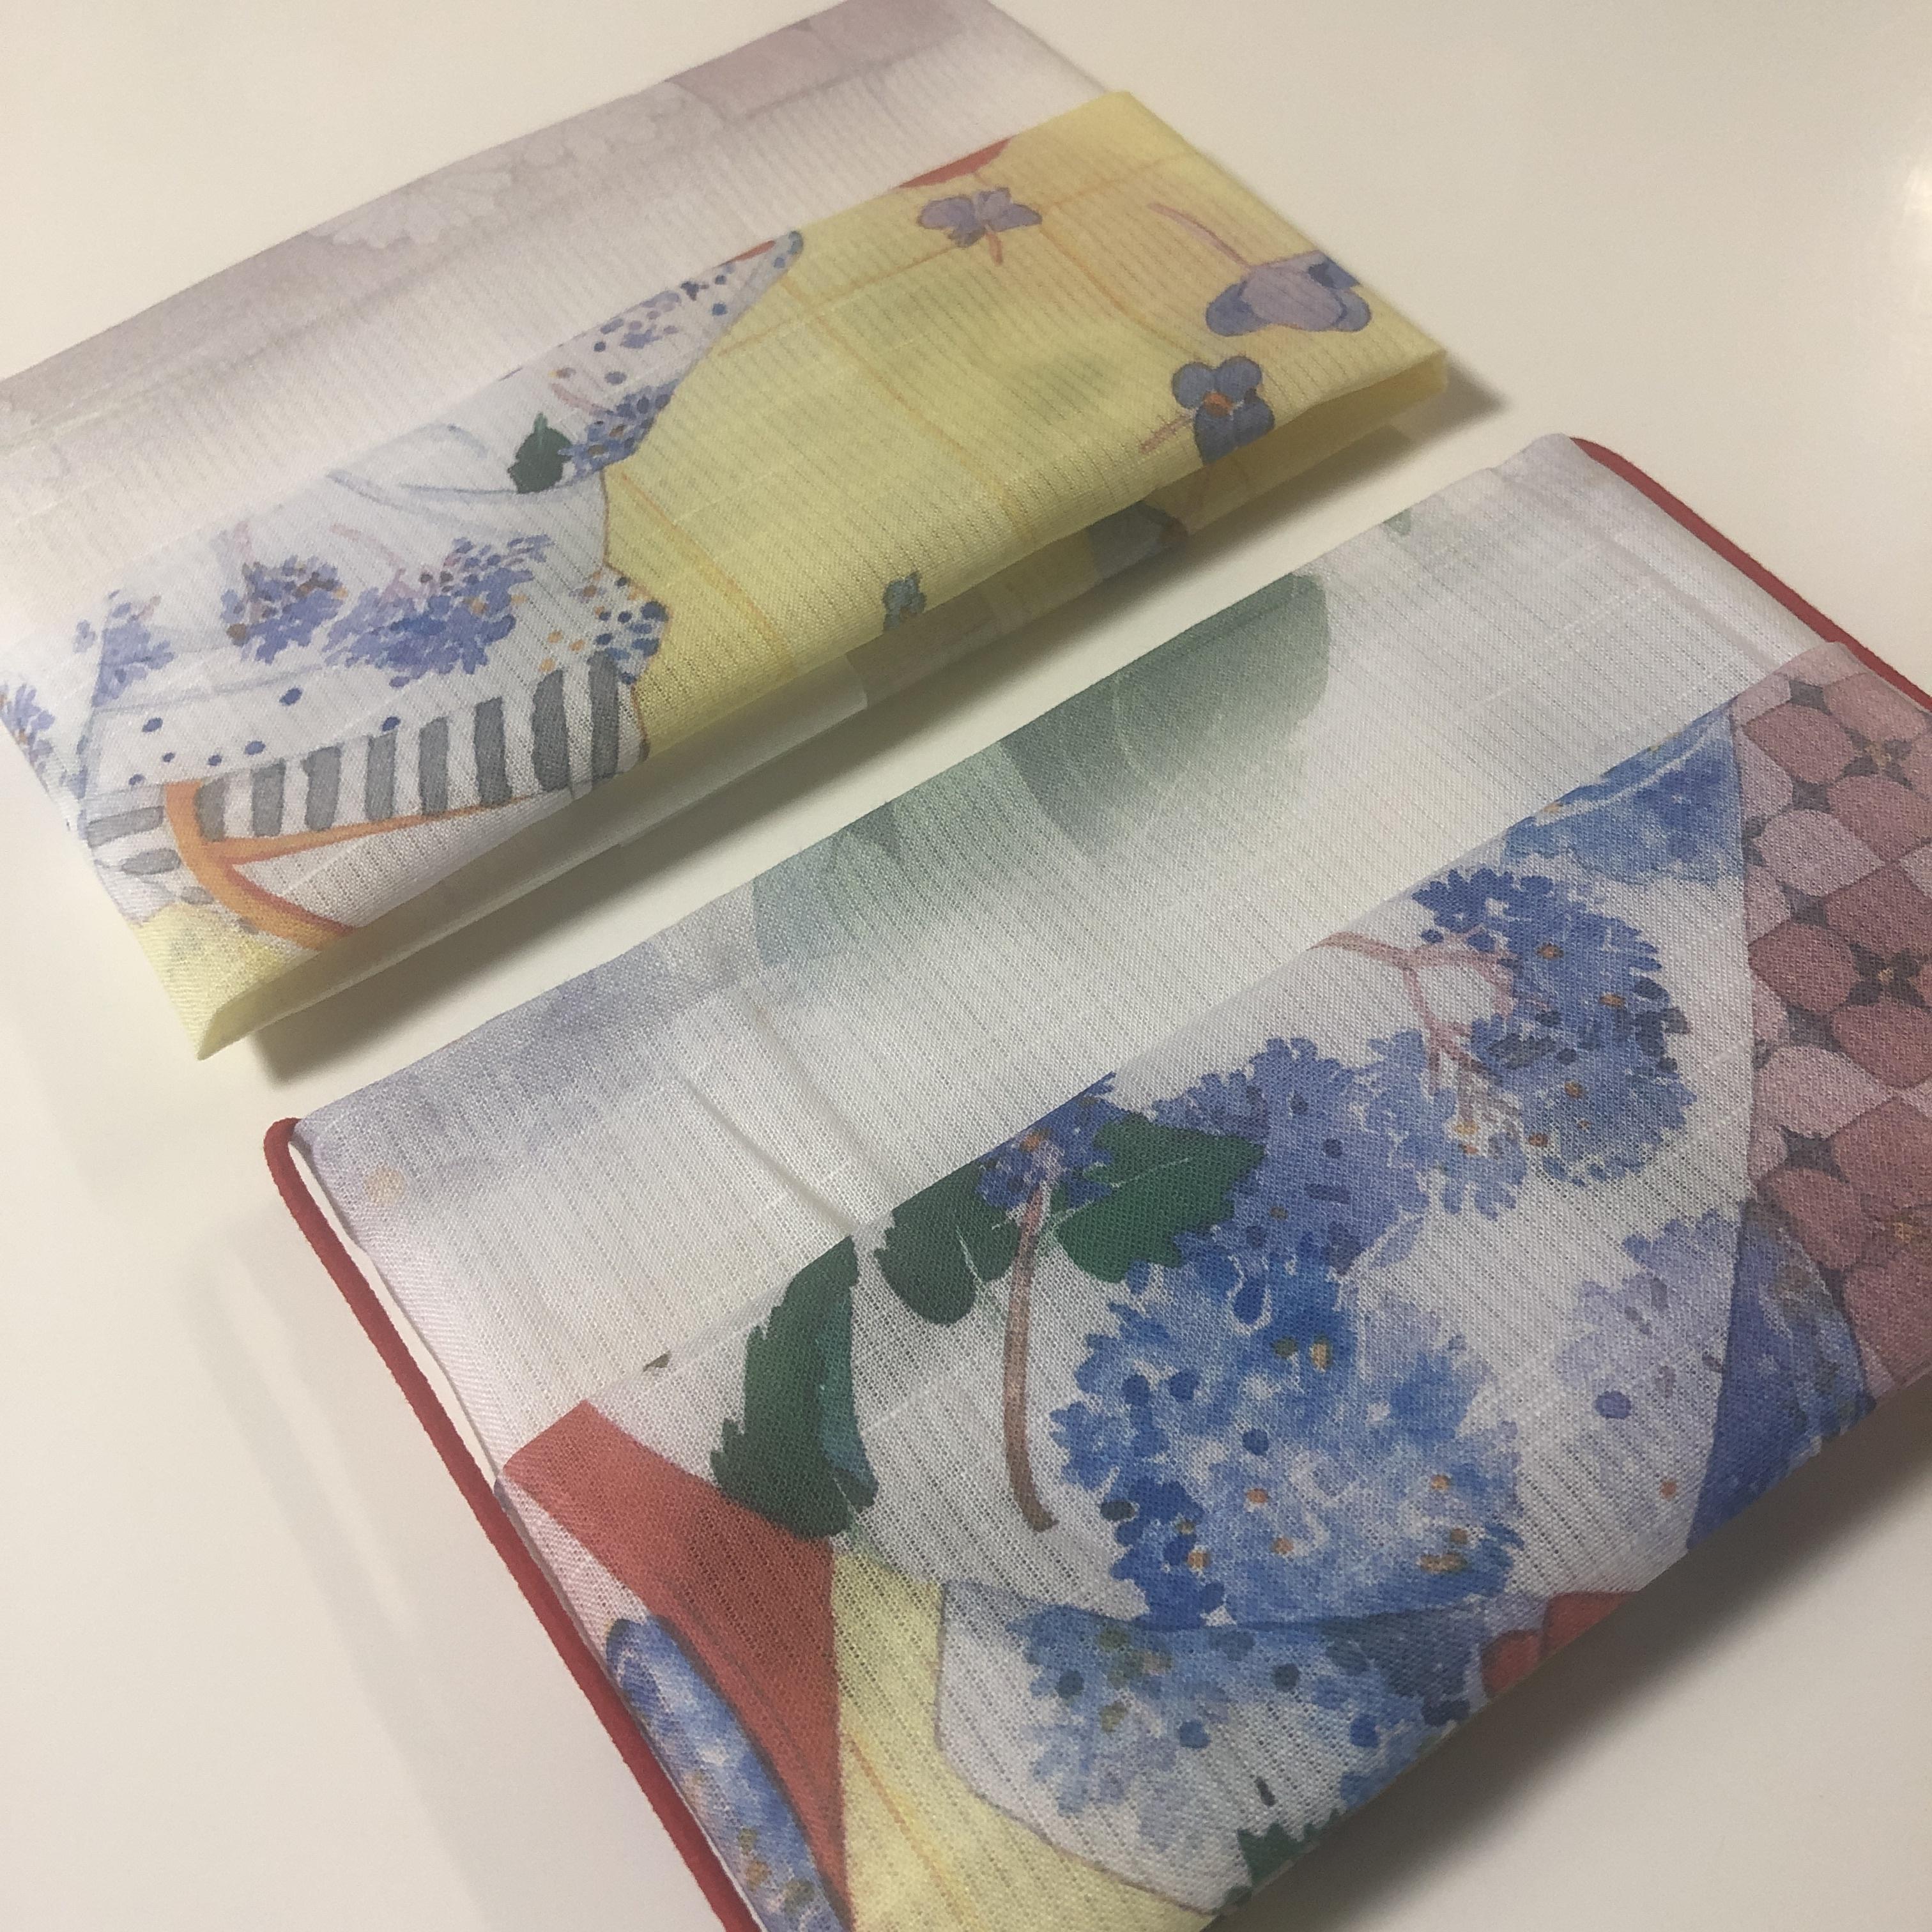 夏マスク手作り用に!綿*コットン100%/生地/てぬぐい/日本製/アヤメ